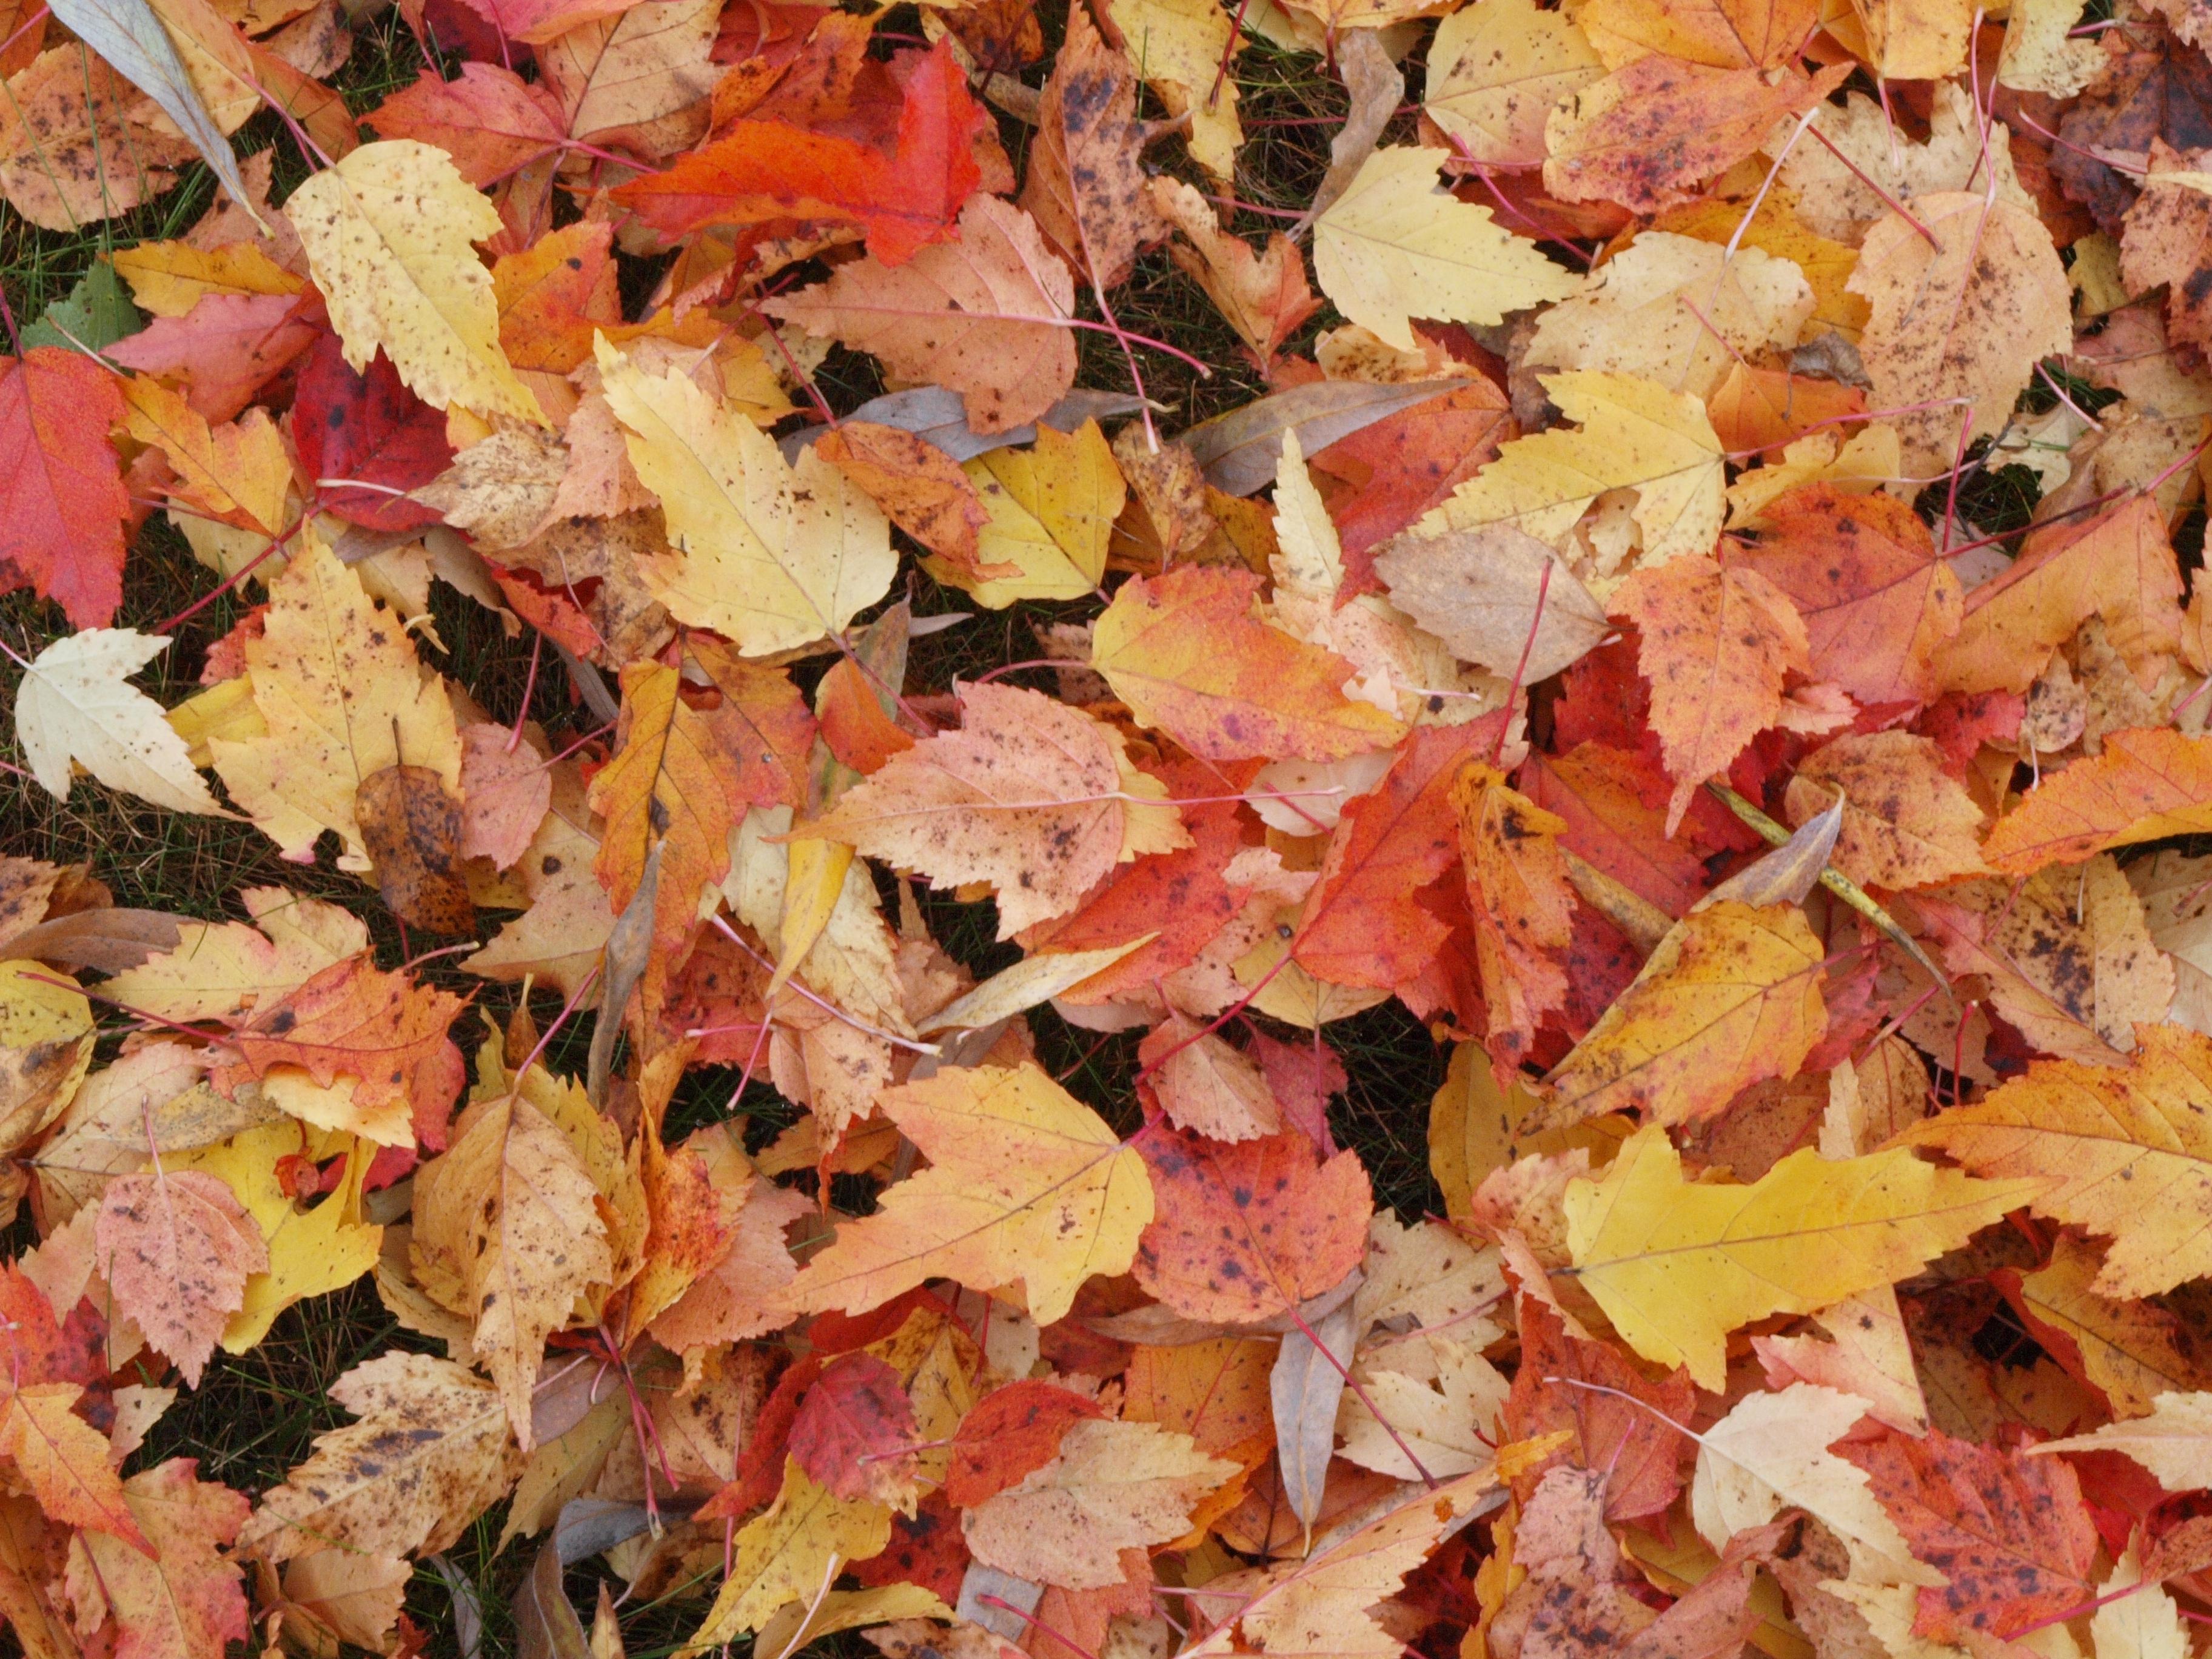 картинки листья опадают листья часто подобные случаи